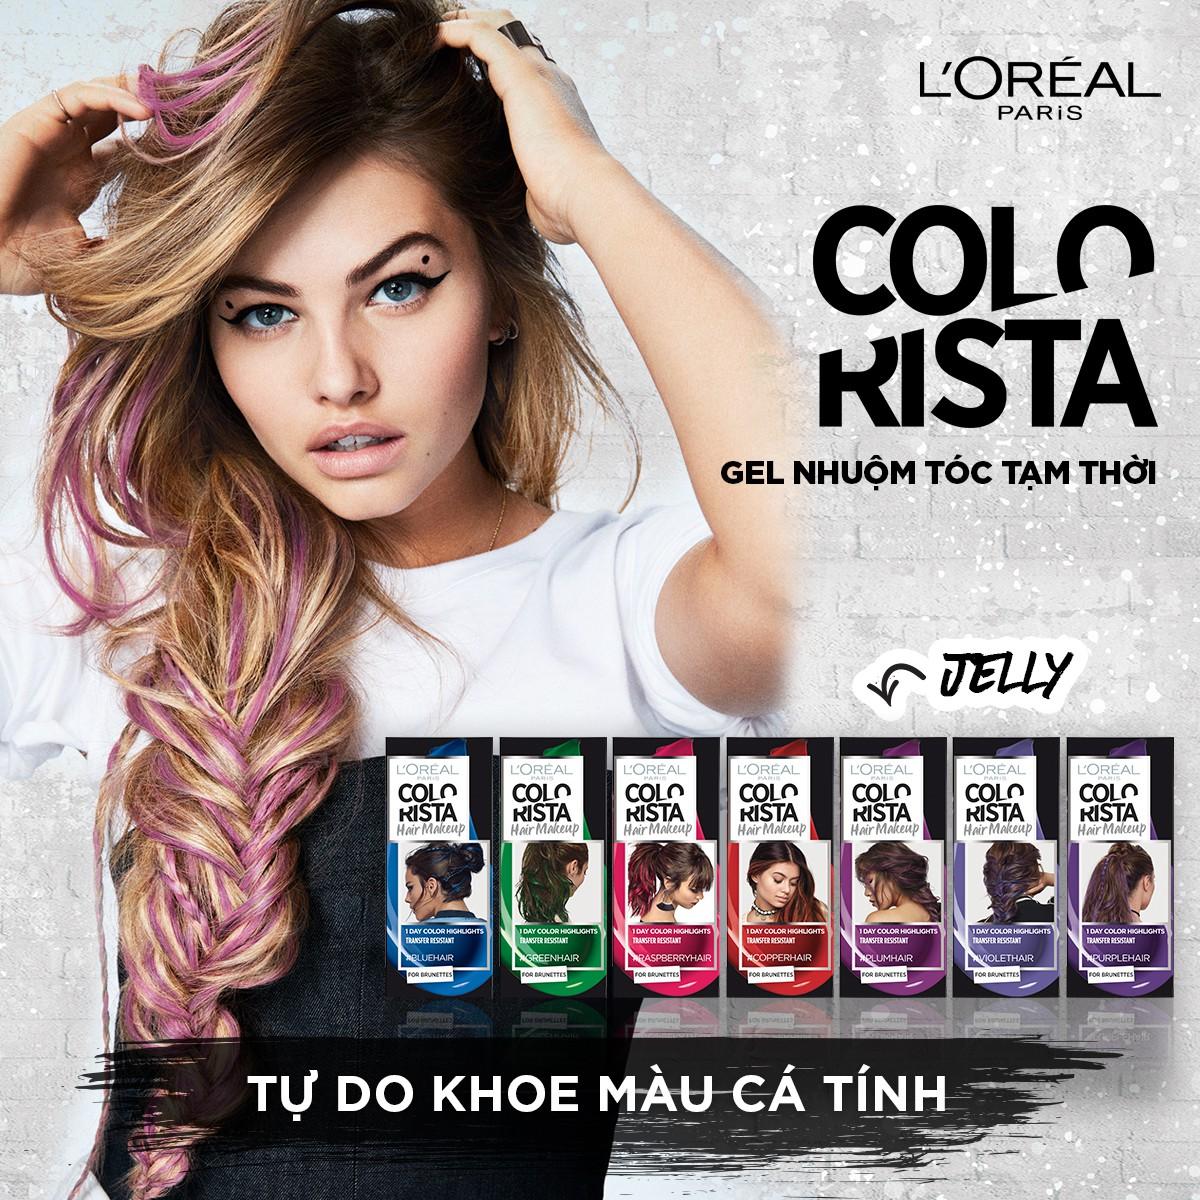 Muốn thử nhiều màu thời thượng mà không sợ hư tóc, đừng lo nay đã có sản phẩm nhuộm tóc 1 ngày! - Ảnh 6.